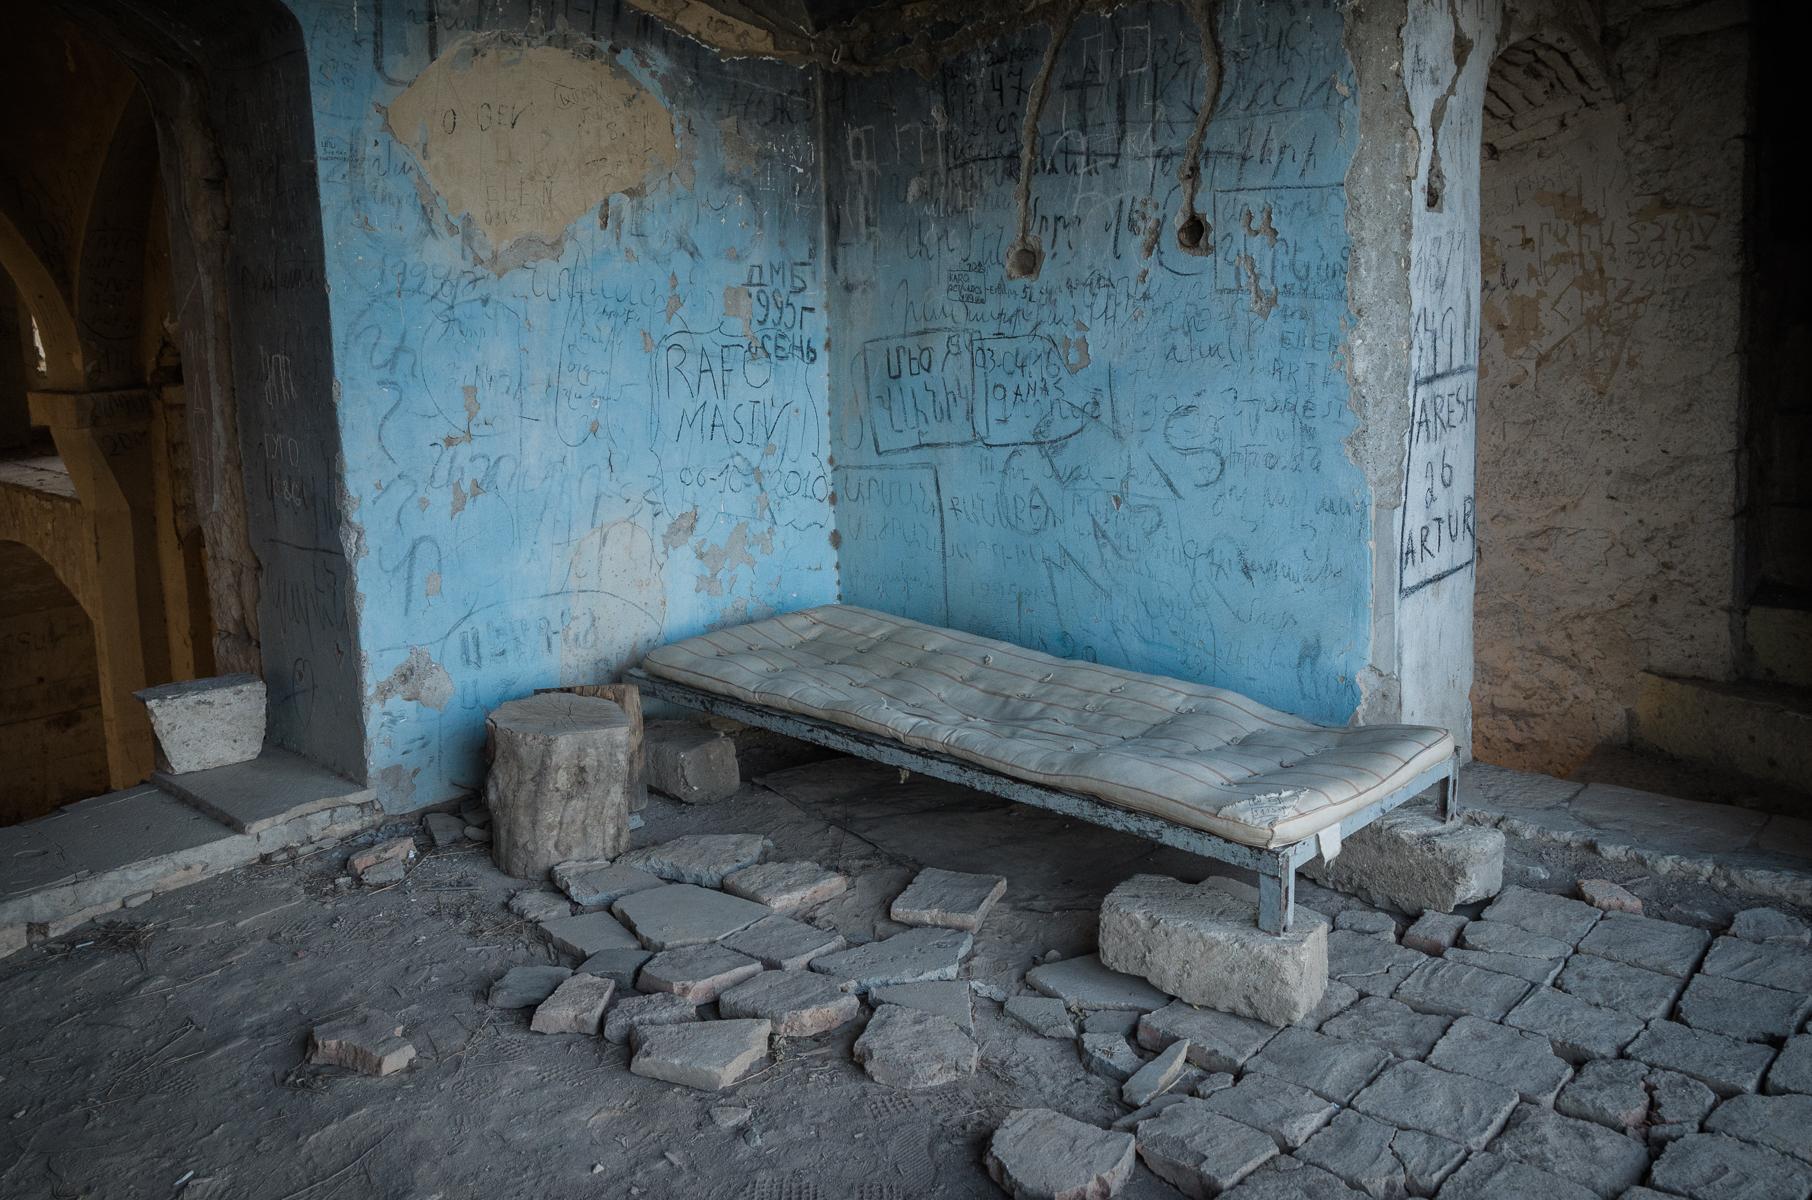 Bett in der Moschee von Agdam.